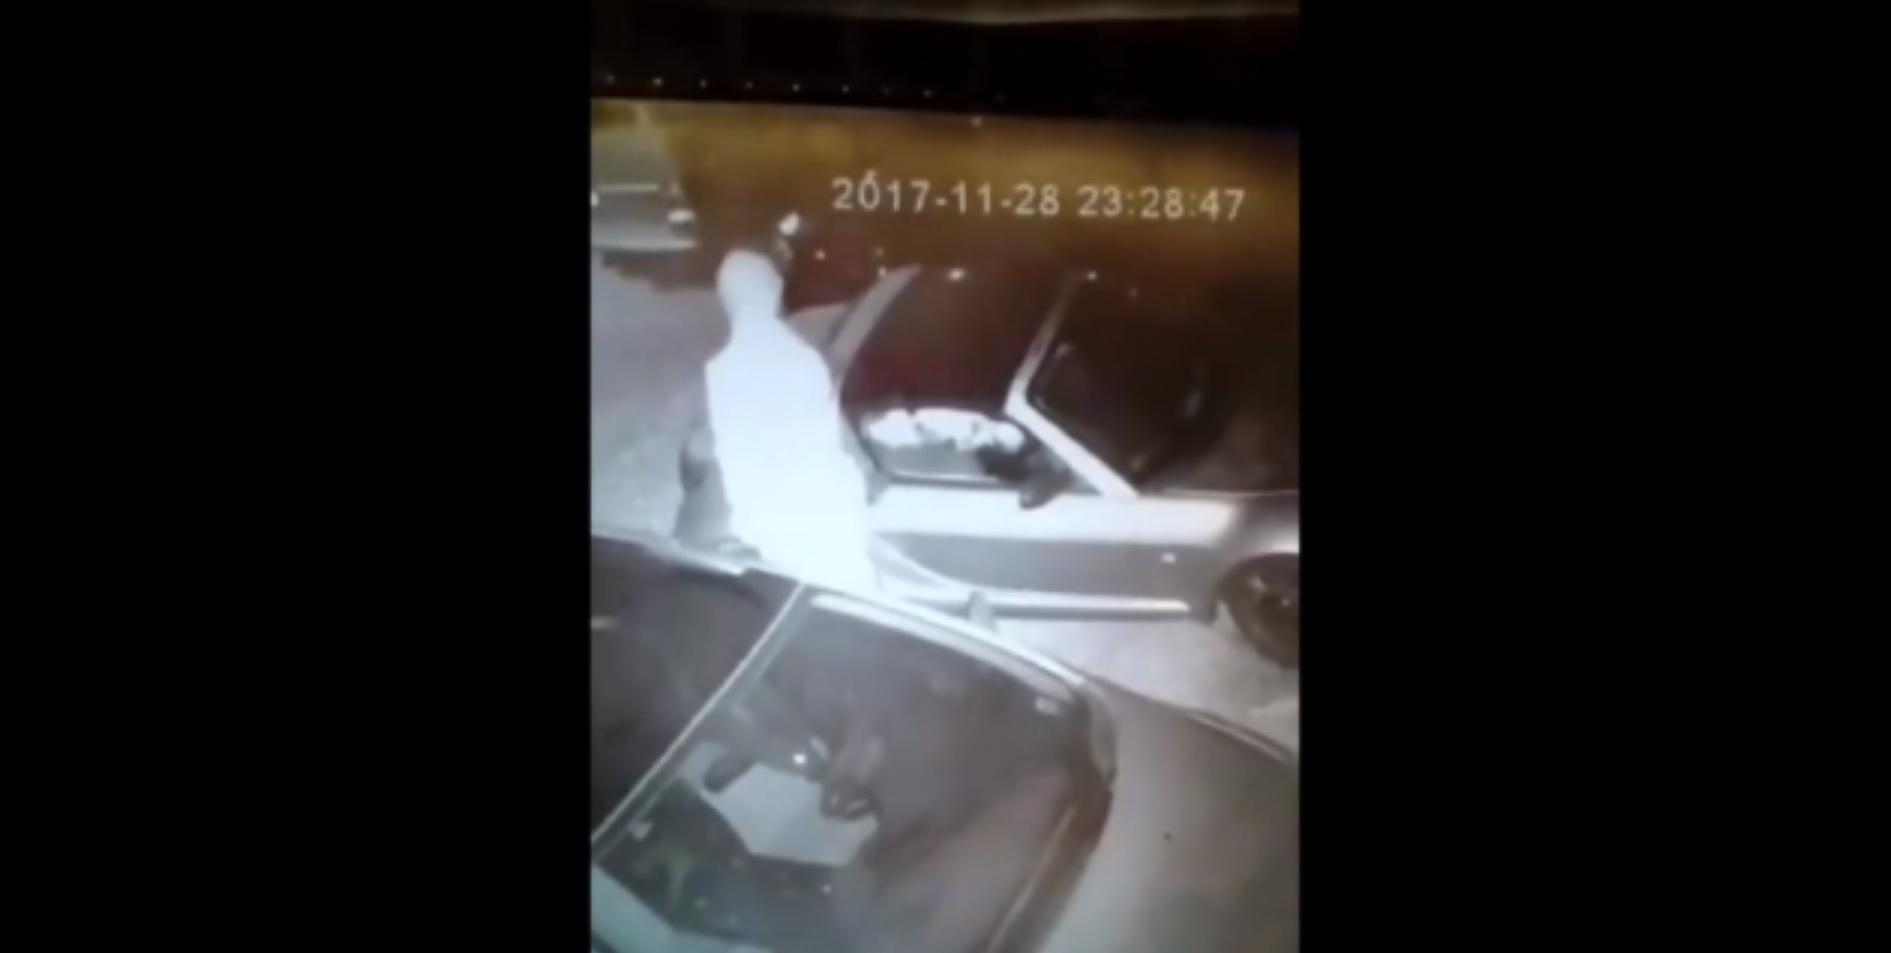 Egy pécsi férfi sorozatban keféli az autókat, már több mint 20-at a magáévá tett